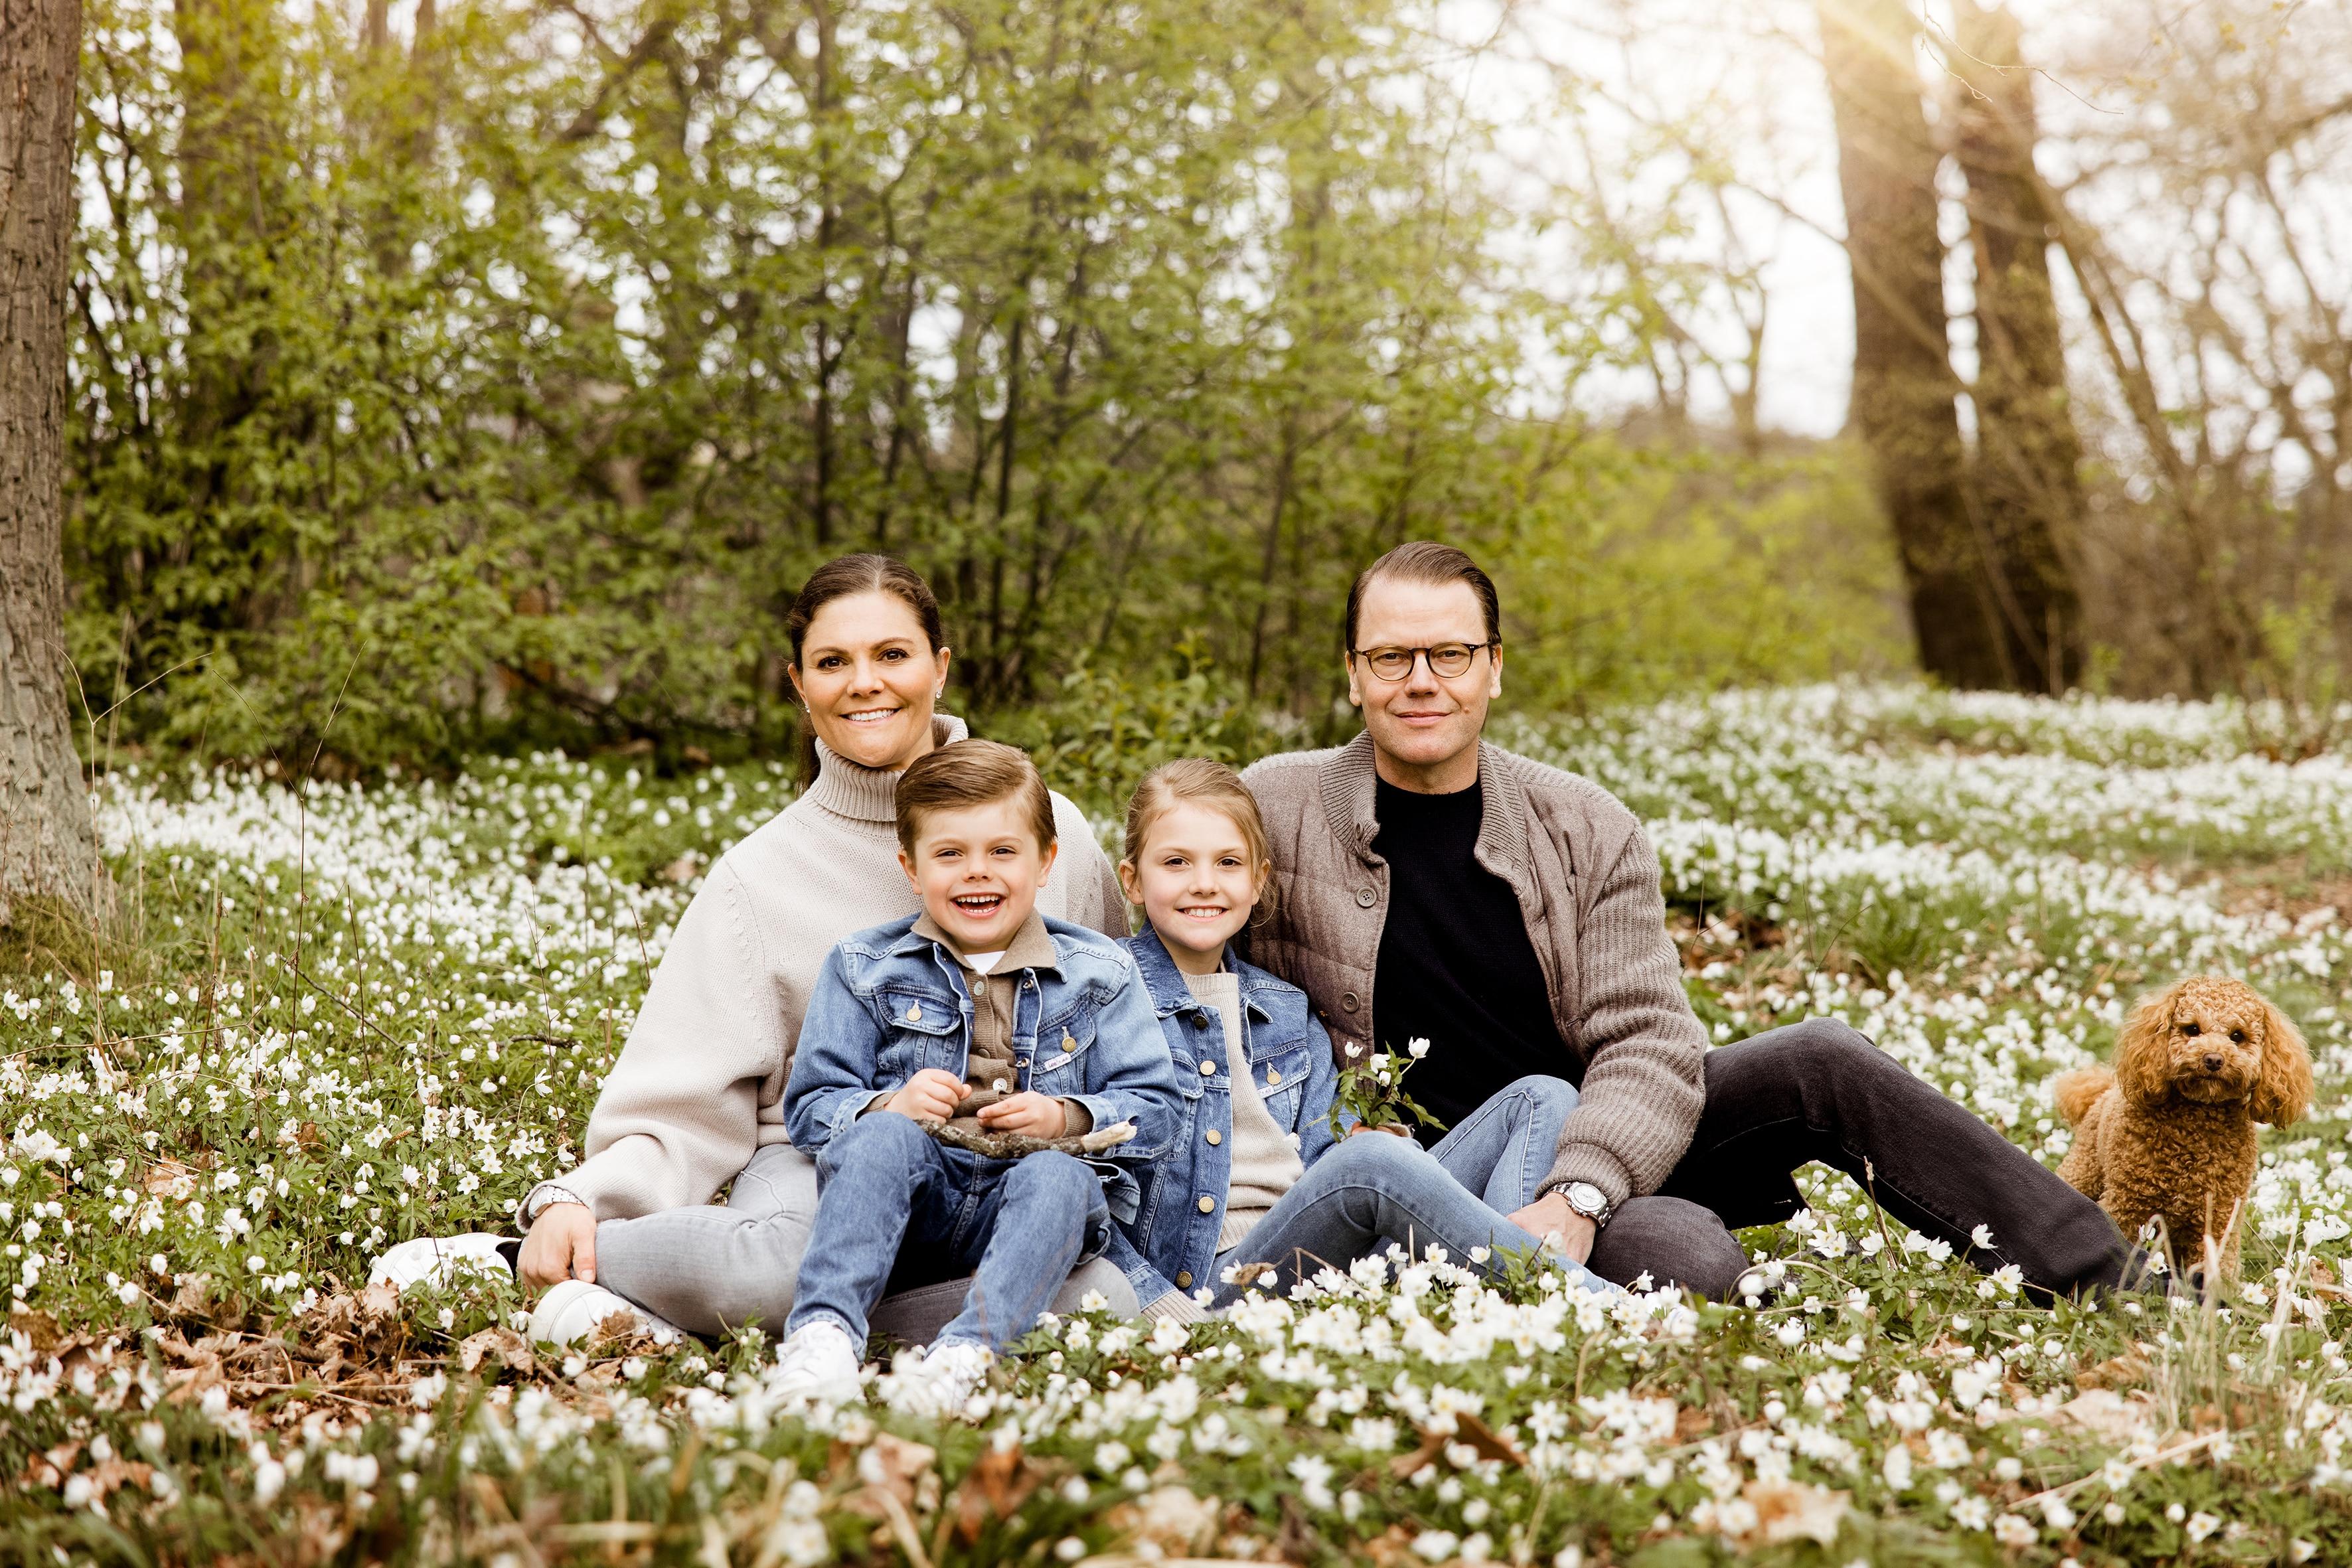 Kronprinzessin Victoria: Ausflug mit der Familie